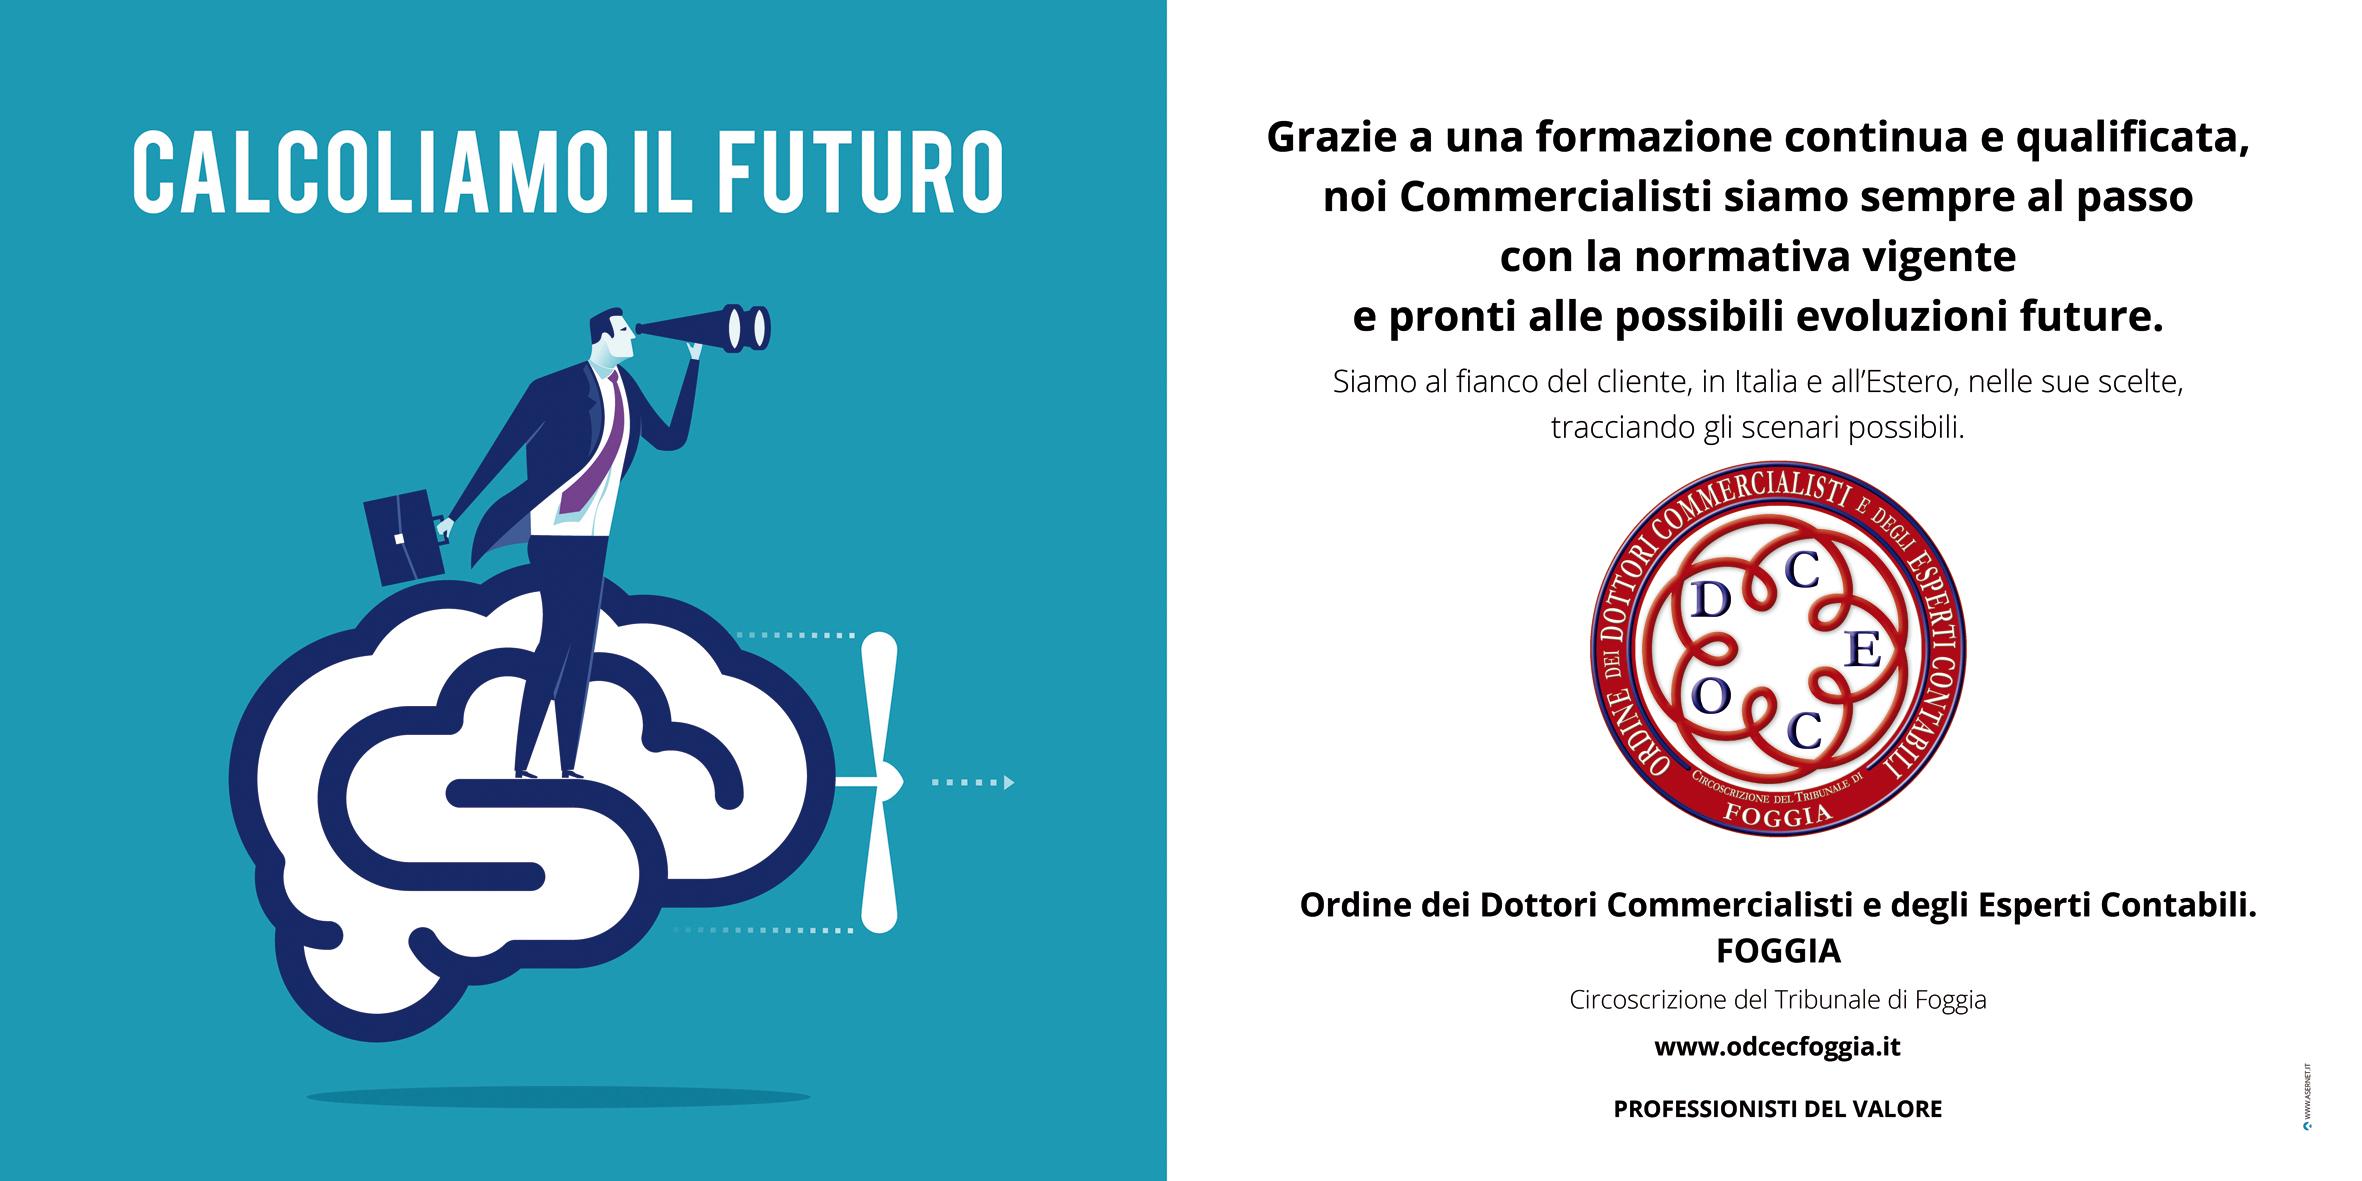 4-calcoliamo-il-futuro-poster